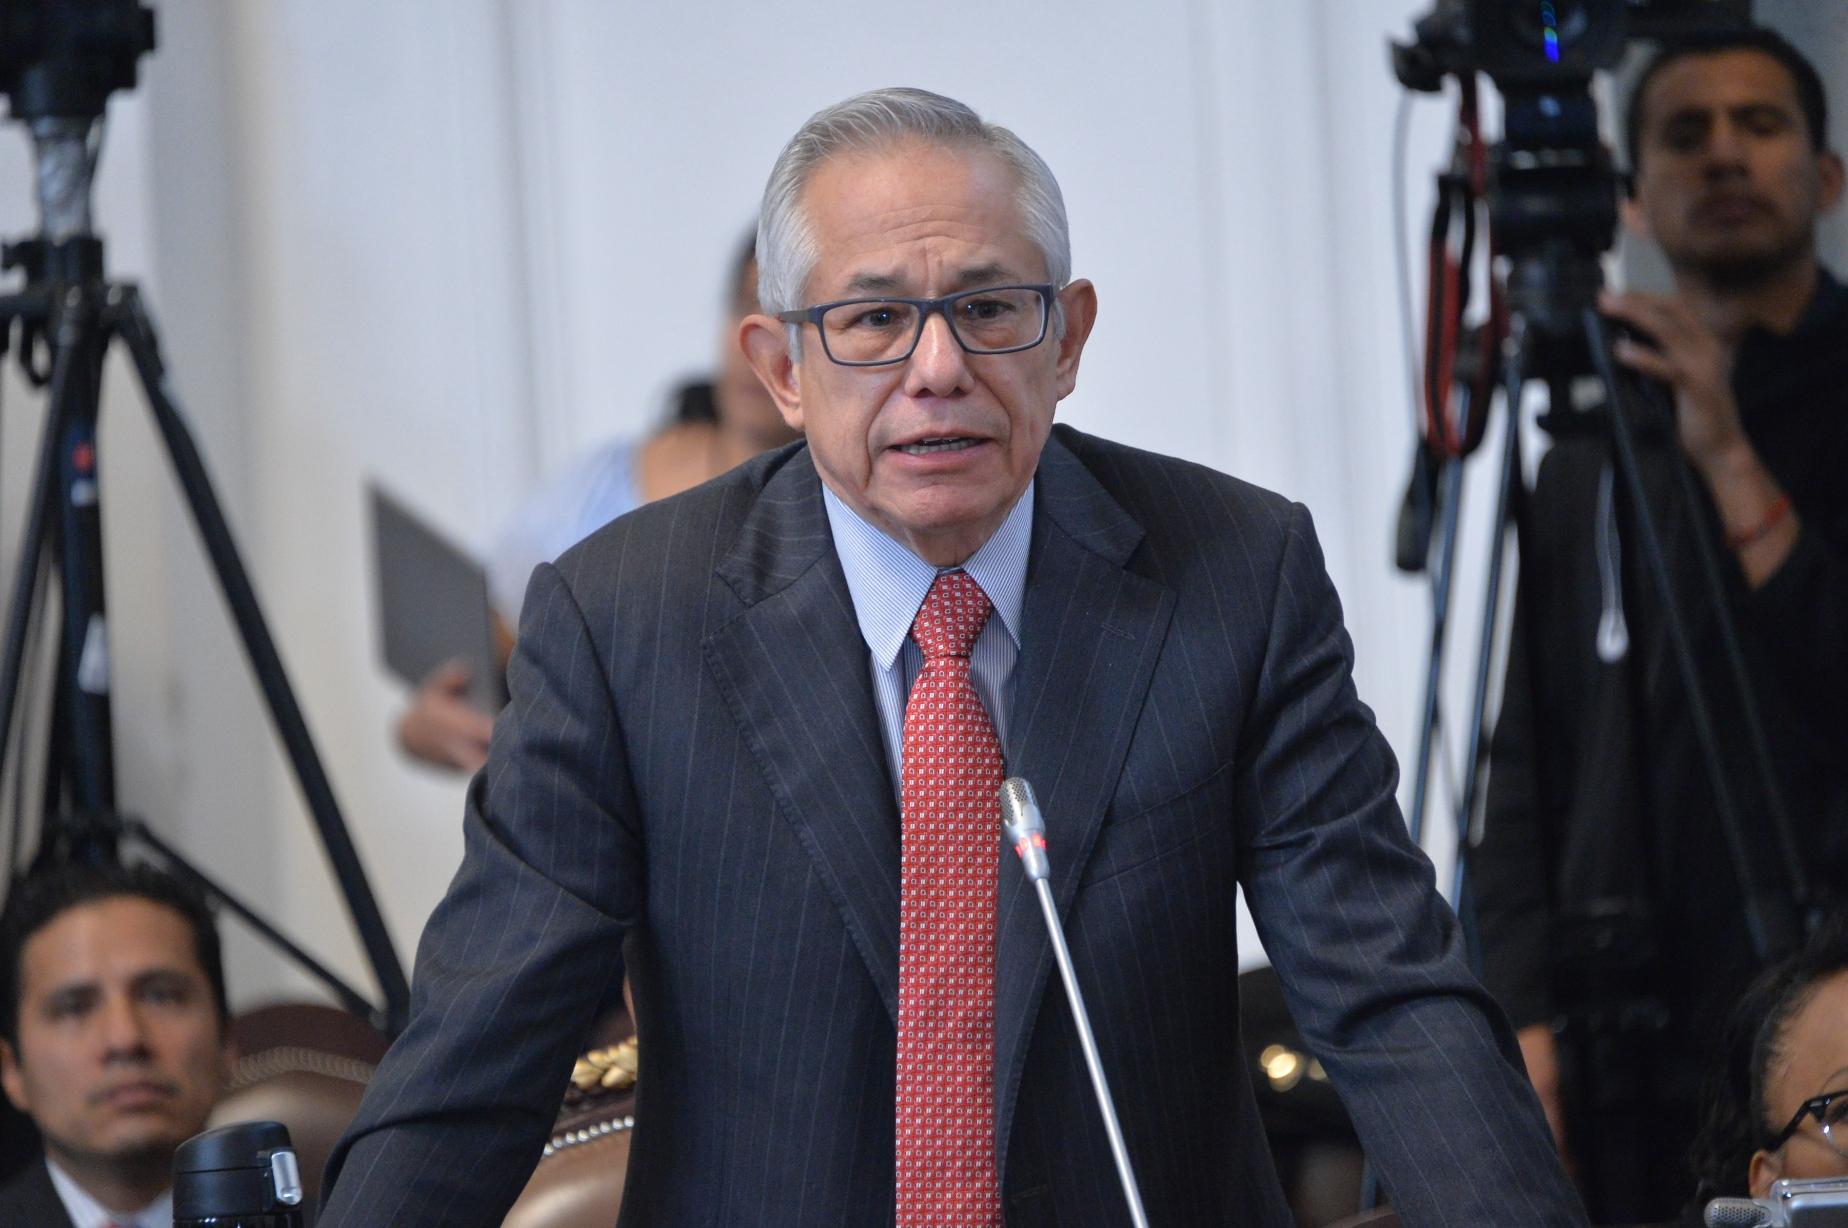 El pleno del Congreso CDMX solicita a la Oficialía Mayor entregar información detallada sobre su canal de televisión